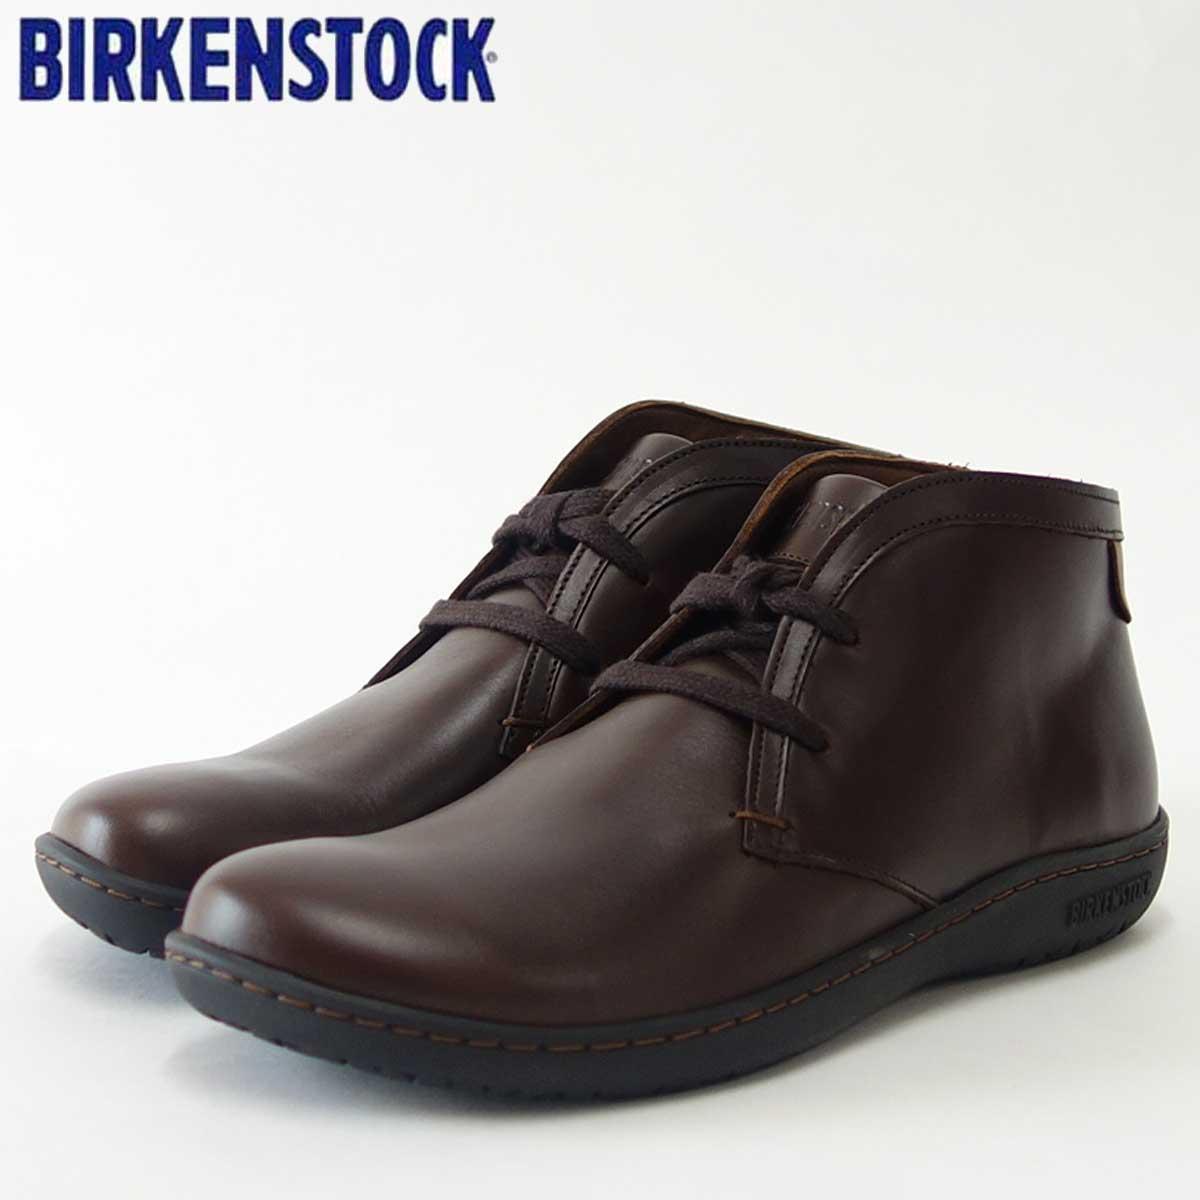 BIRKENSTOCK ビルケンシュトックSCARBA(スカルバ)レディース GS 1007028(ナチュラルレザー/エスプレッソ)「靴」